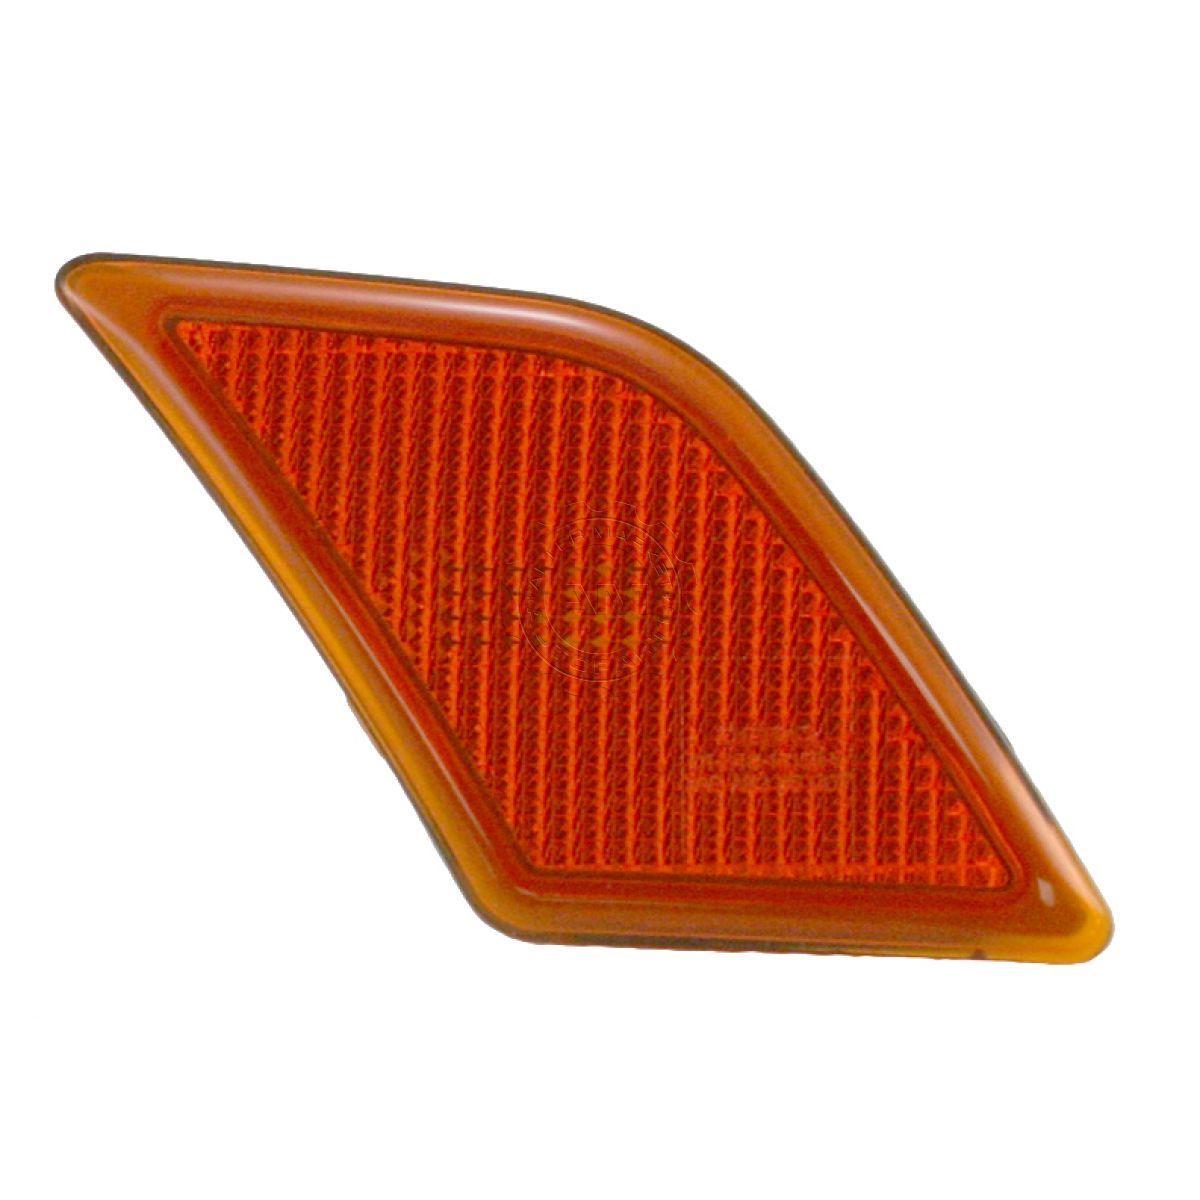 コーナーライト Marker Signal Light Front Right Passenger Side for 08-09 C300 C350 Mercedes C63 マーカーシグナルライトフロント右の乗客側08-09 C300 C350 Mercedes C63